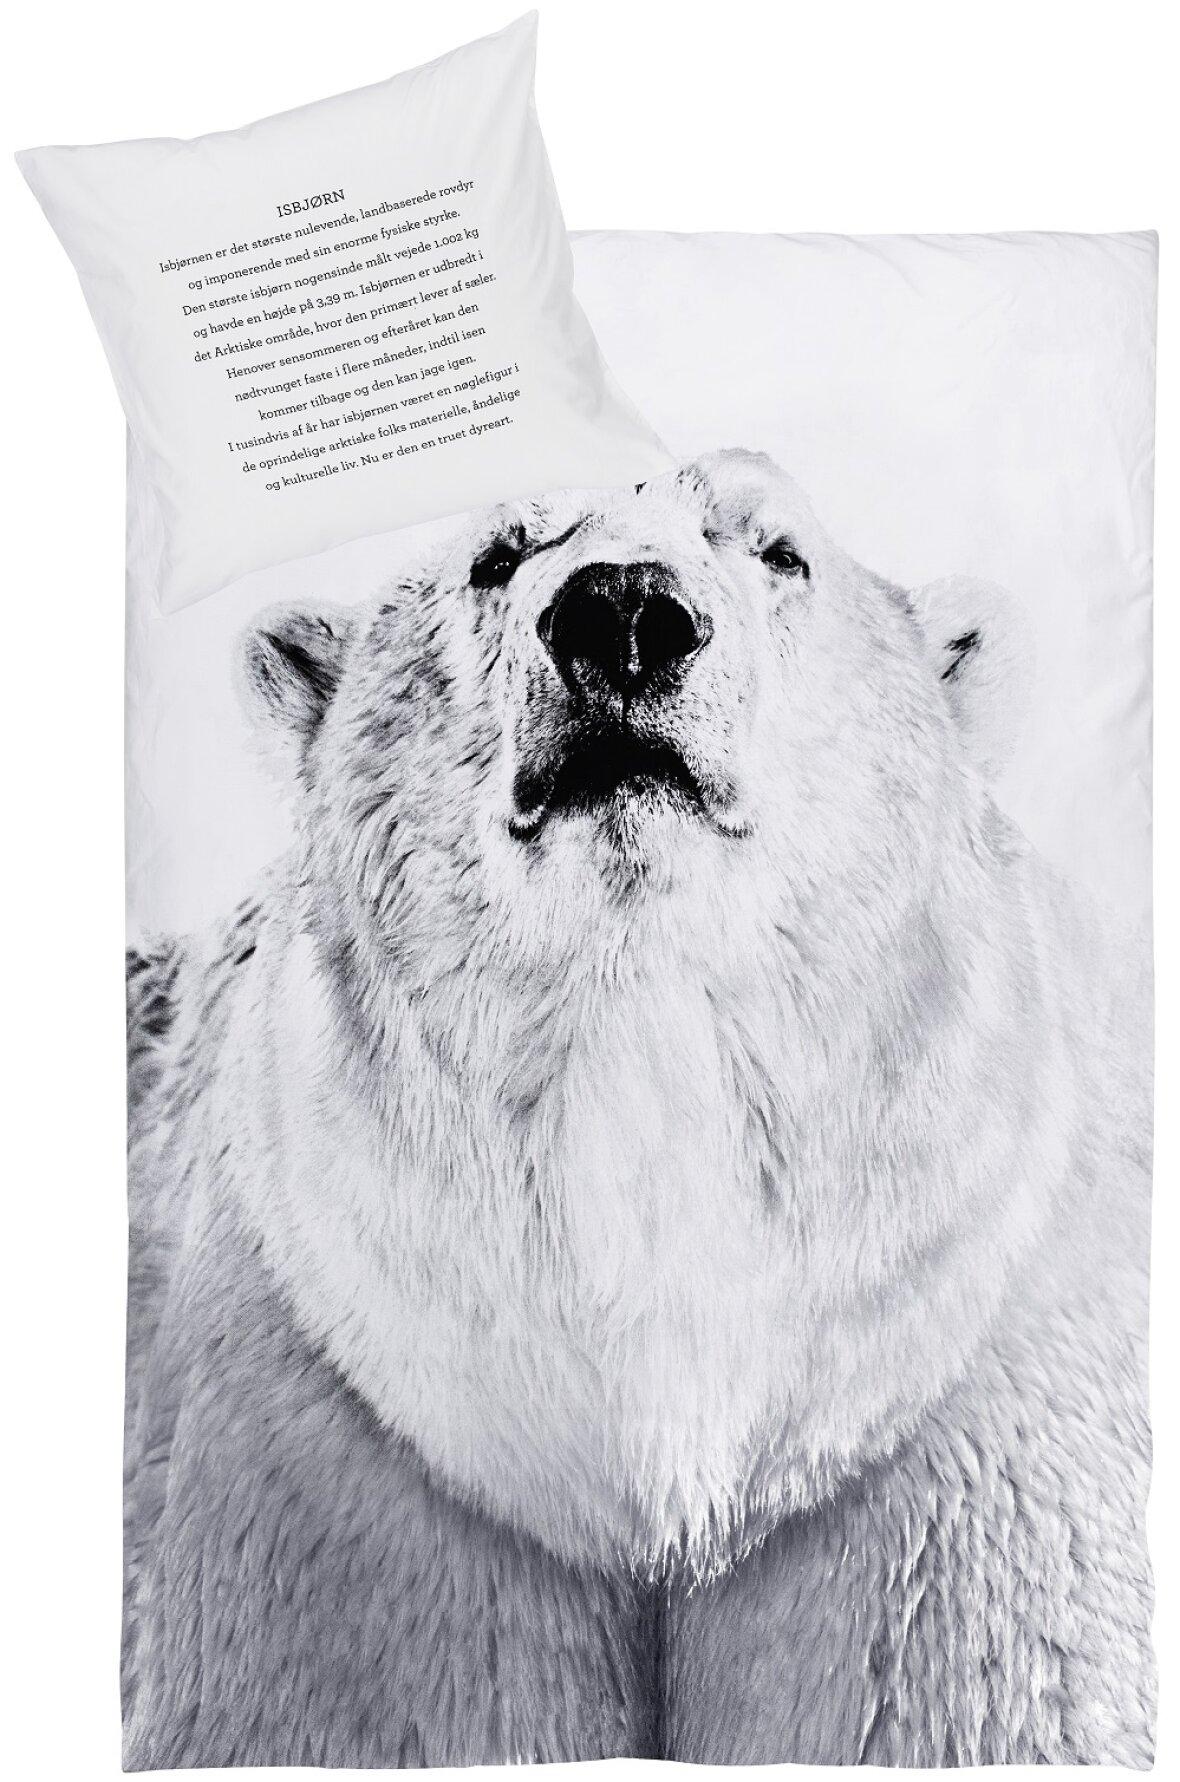 Fin By Nord sengesæt med isbjørn King Size KV-01